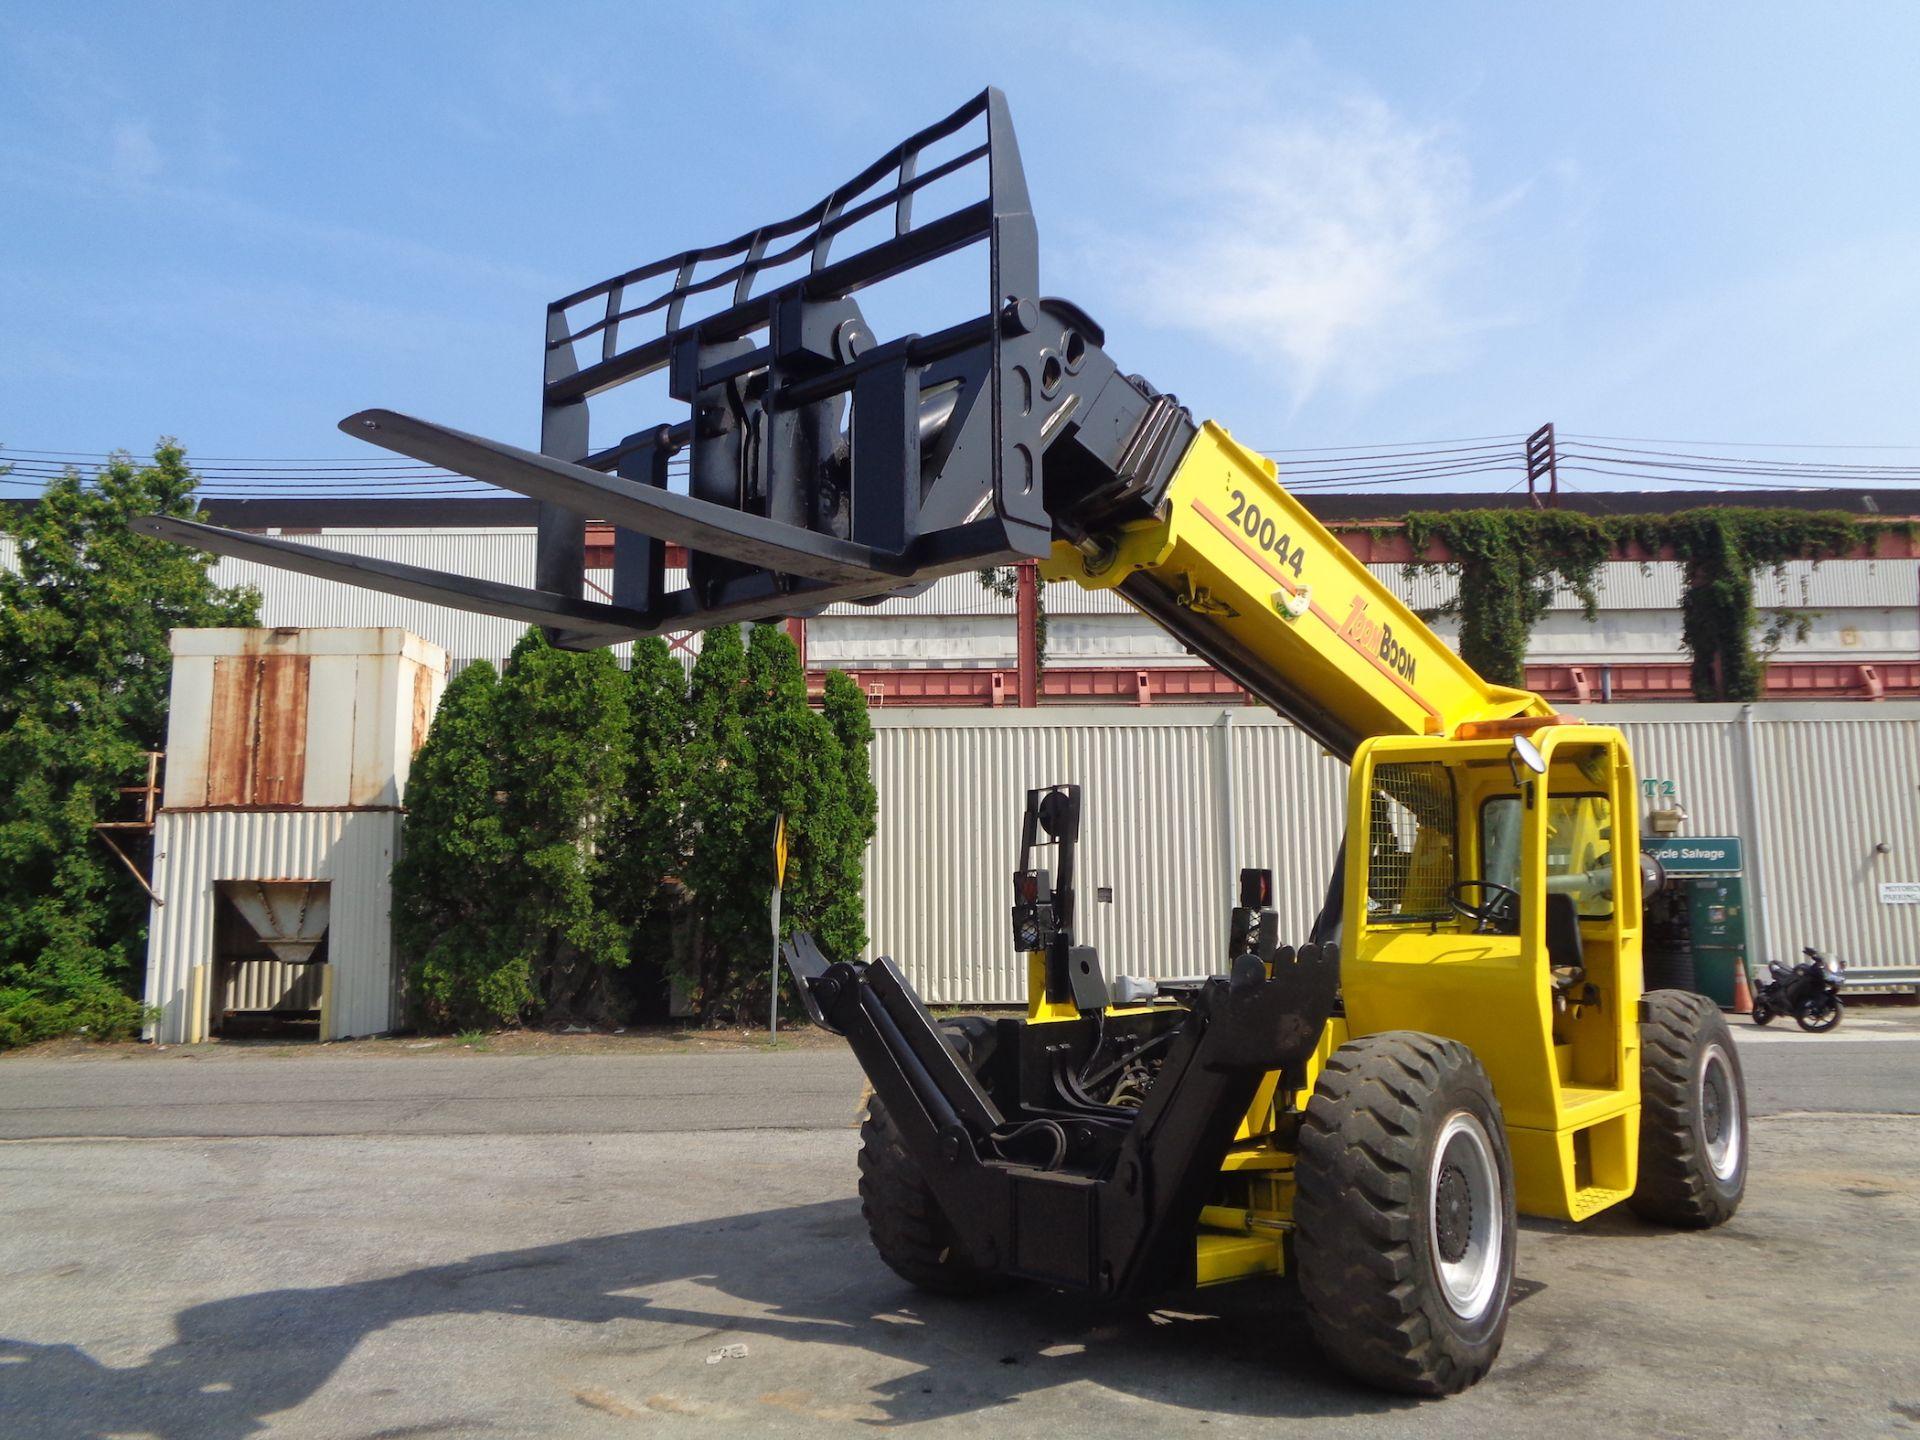 Lot 48 - Carelift ZB-20044 20,000lb Telescopic Forklift